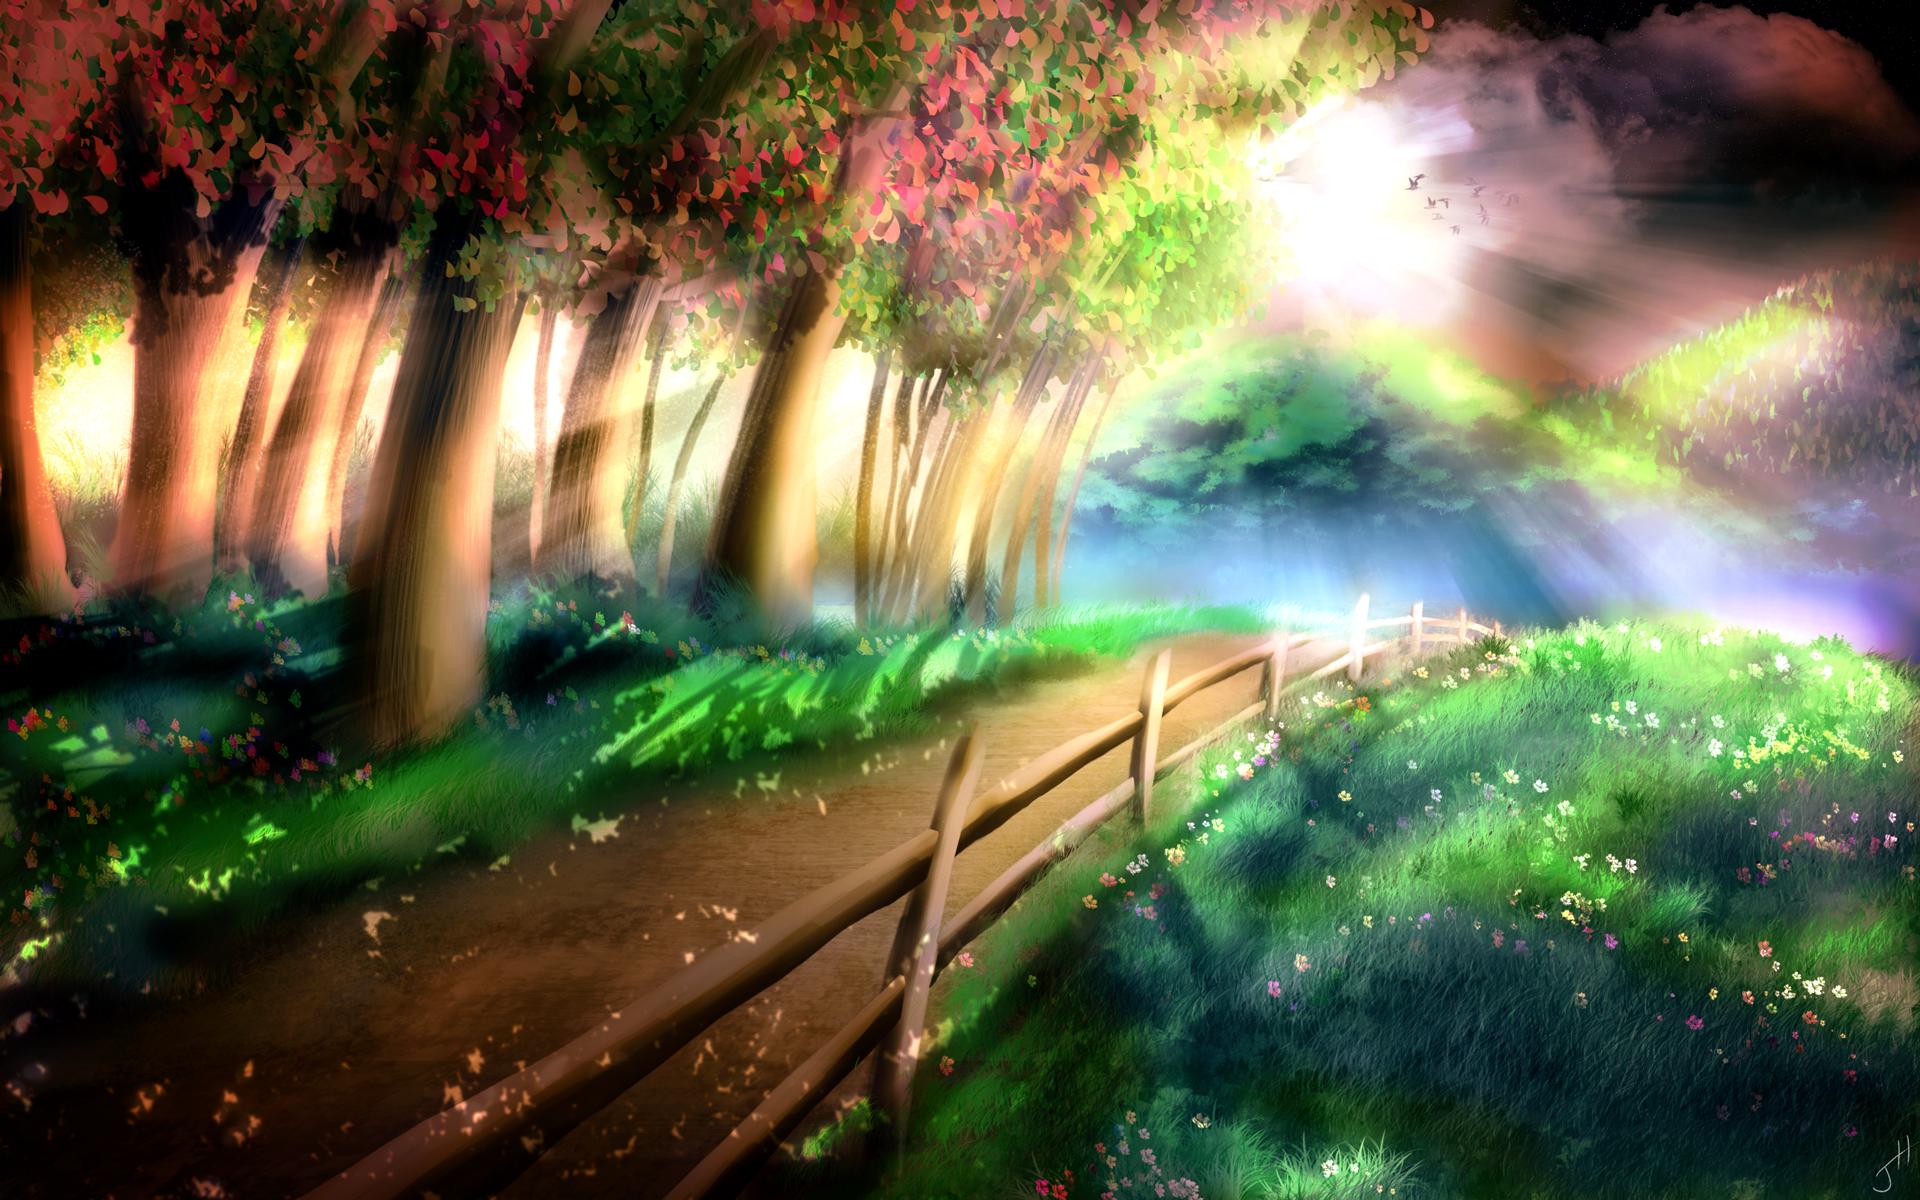 Road to Fantasia